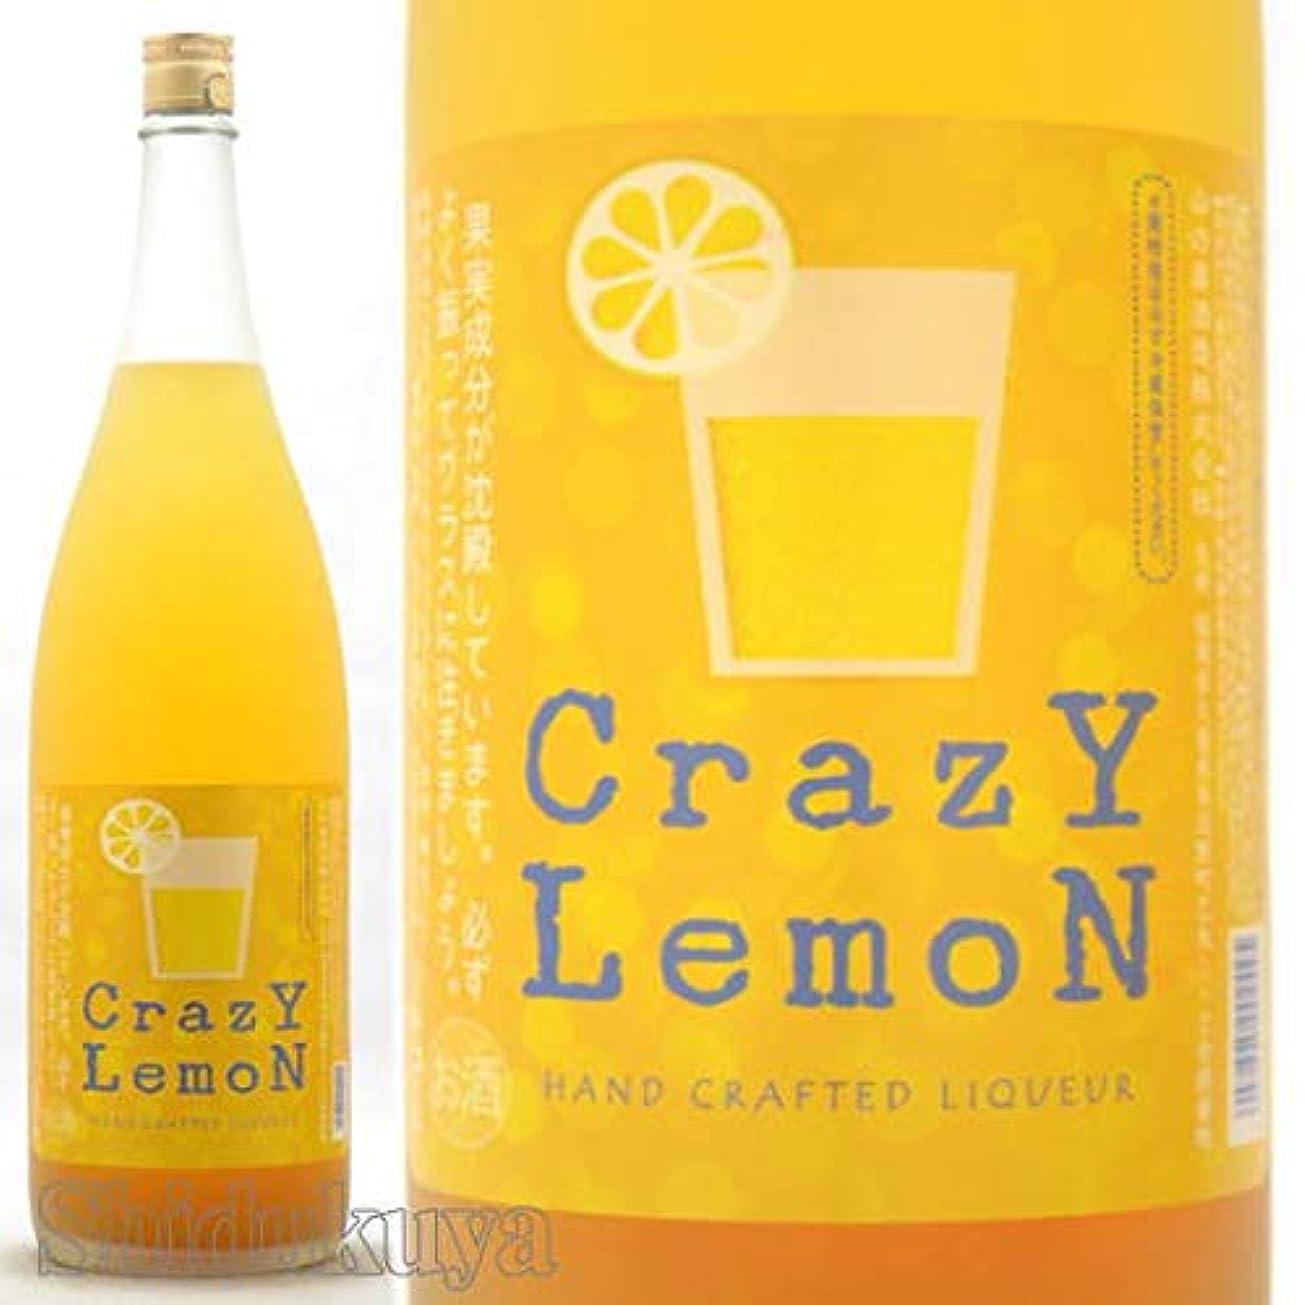 フルーツ野菜抹消アクティビティ福岡県 久留米市 山の壽酒造 Crezy Lemon ( クレイジーレモン ) 1800ml【通常便発送】